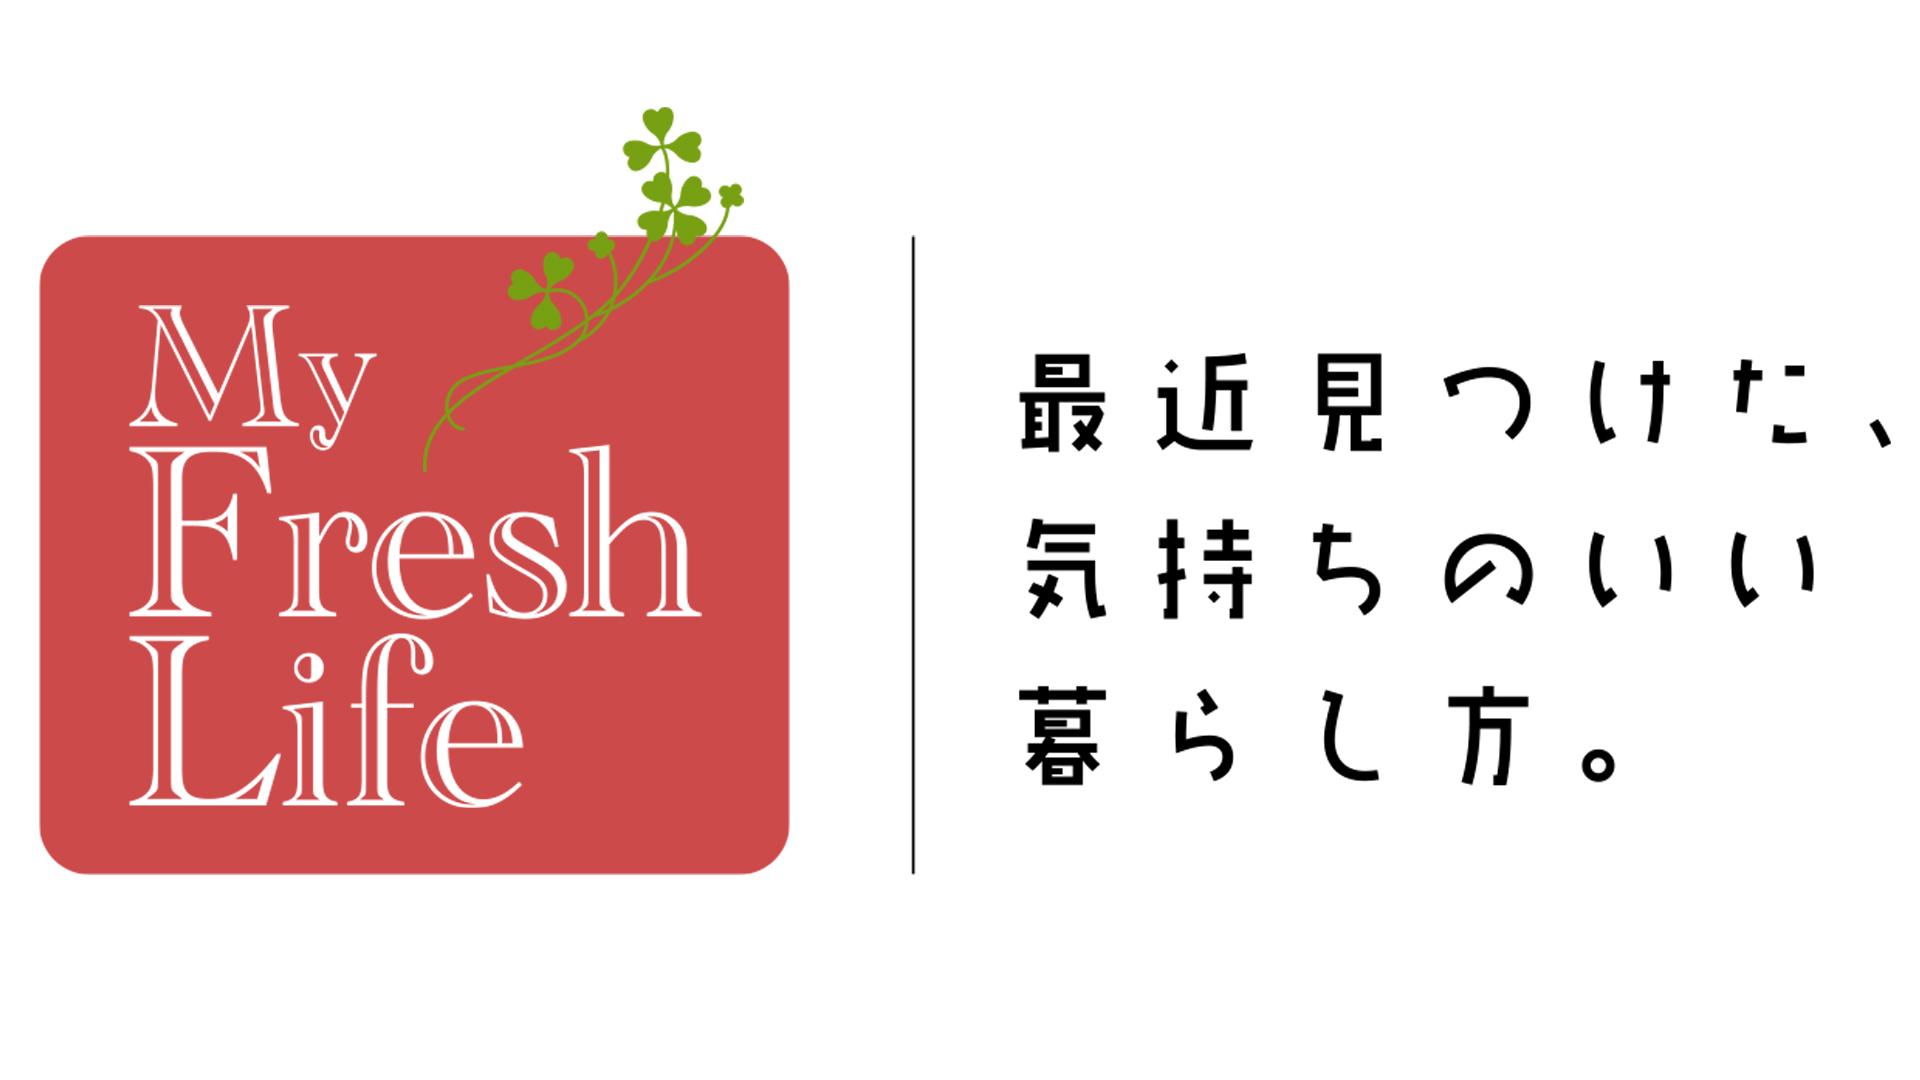 無料テレビでMy Fresh Life 最近見つけた、気持ちのいい暮らし方。を視聴する